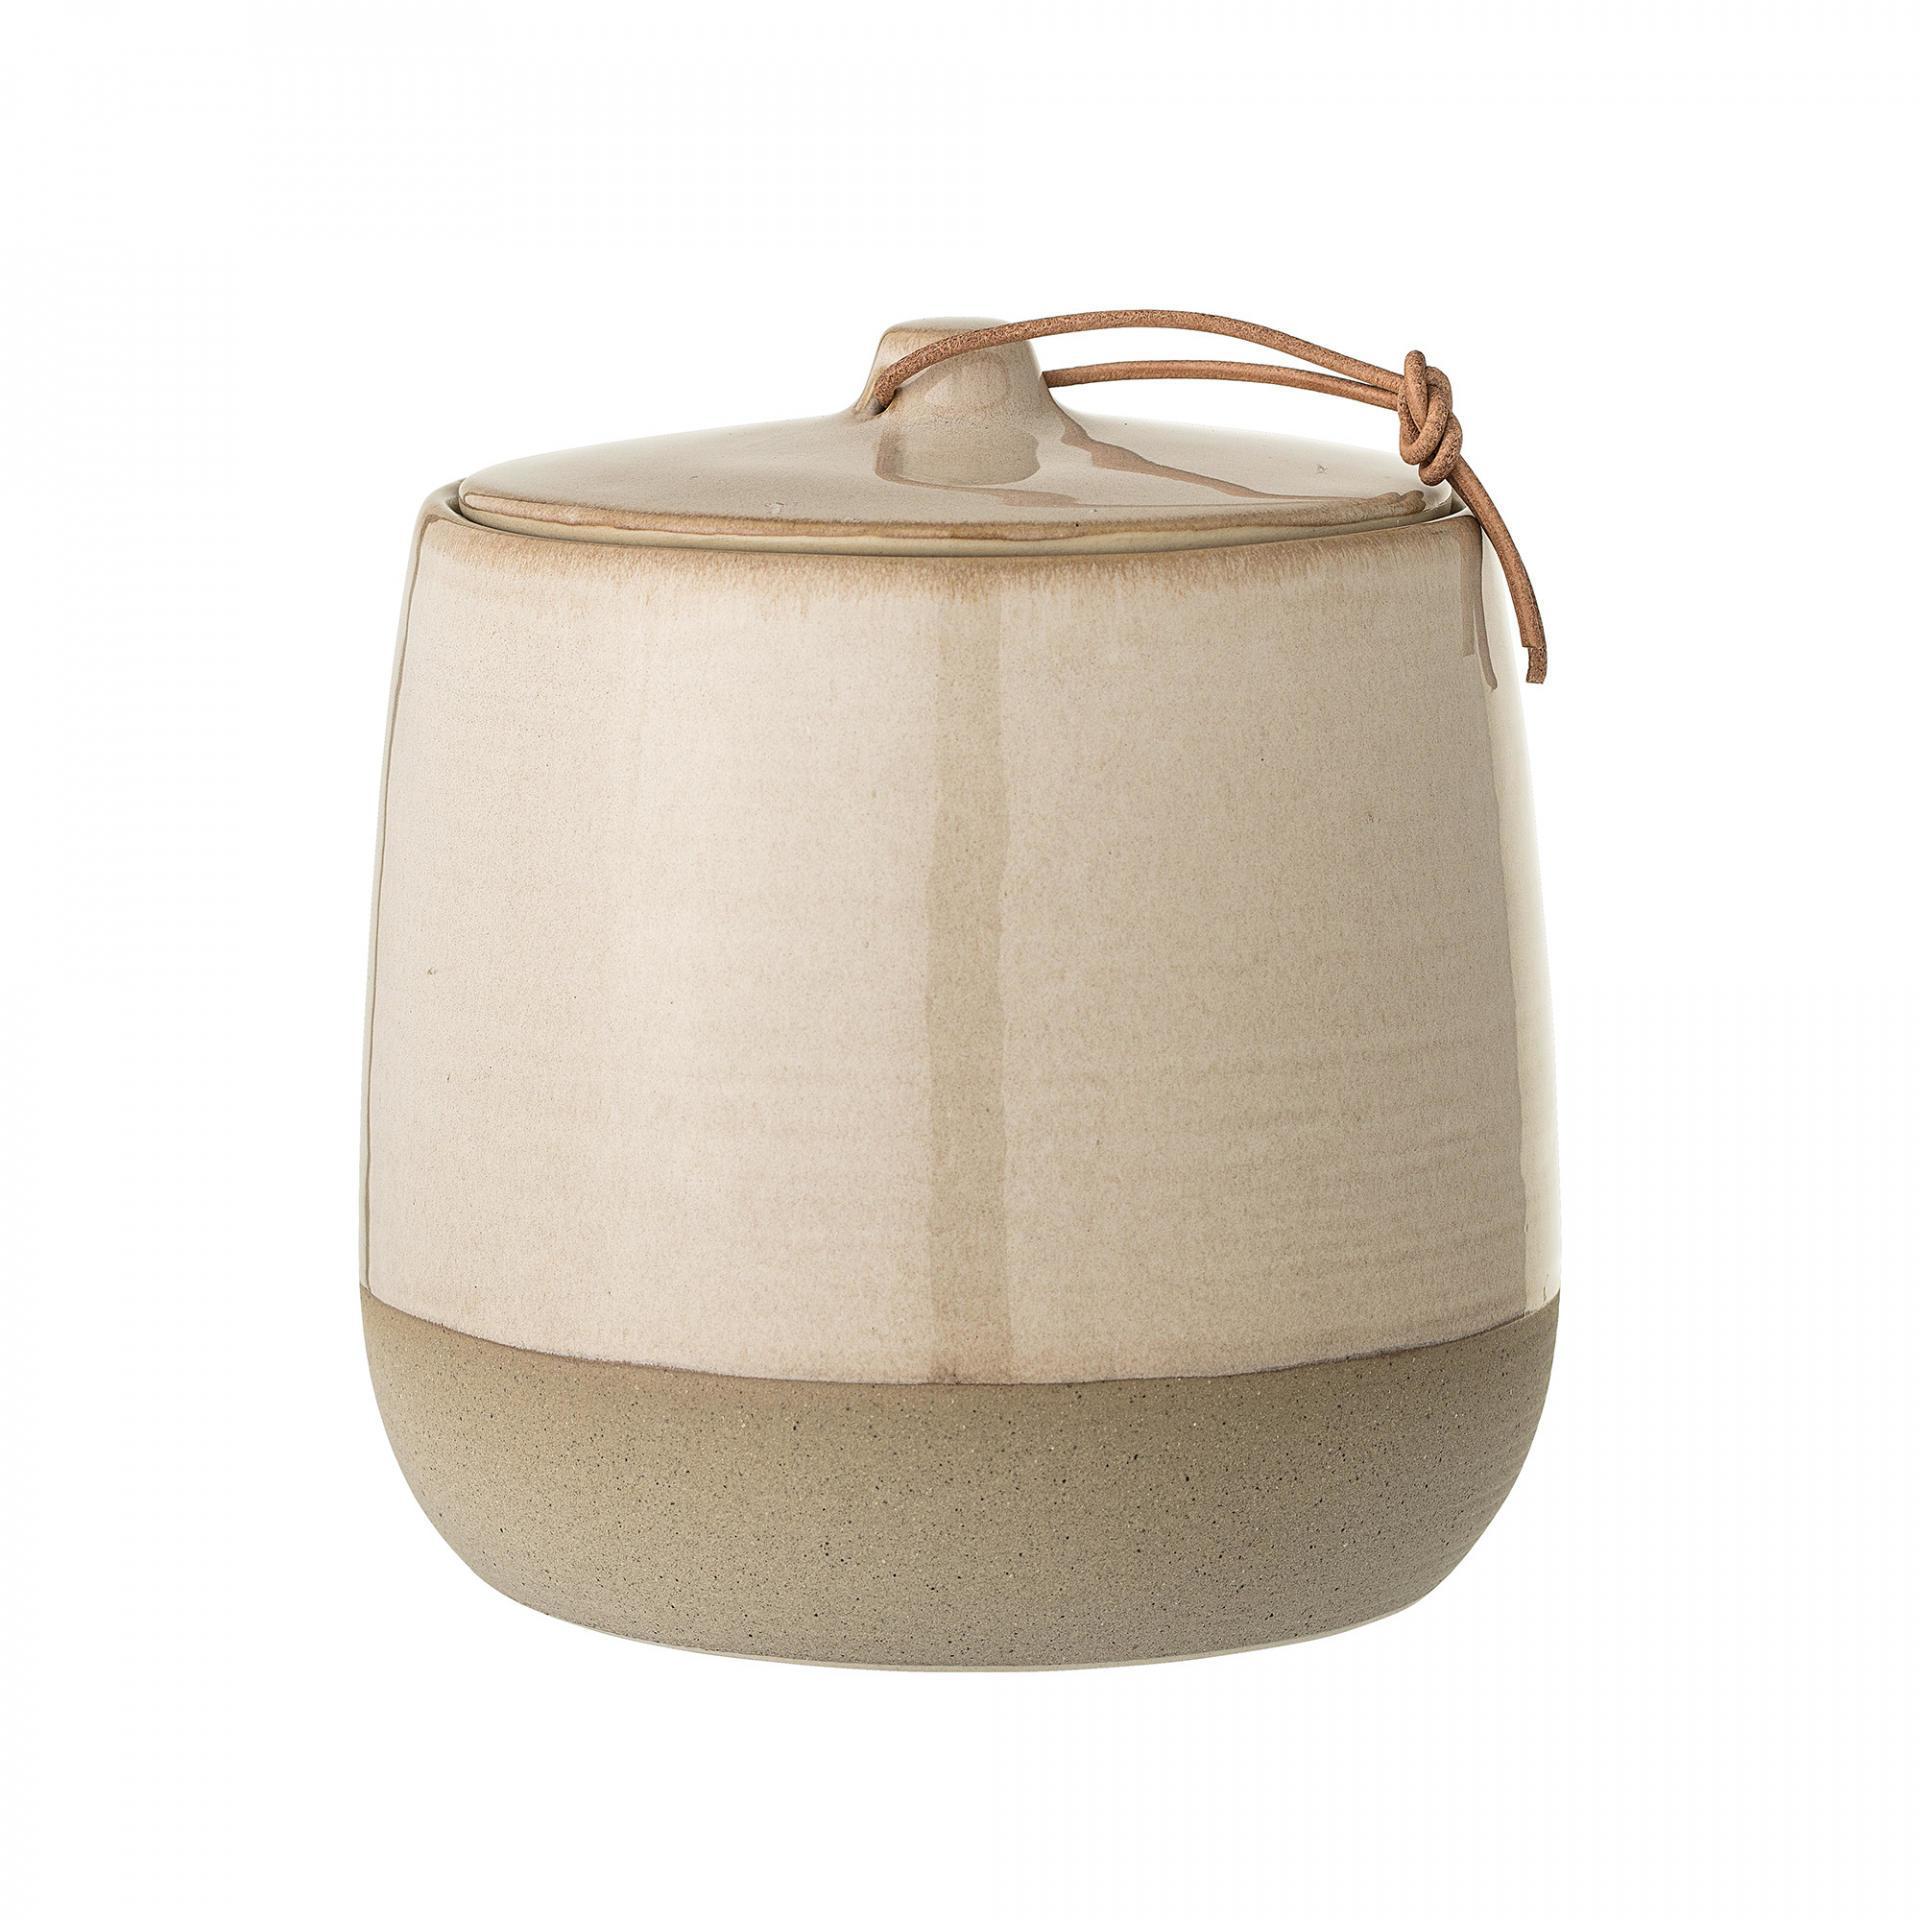 Bloomingville Kameninová dóza, béžová barva, keramika